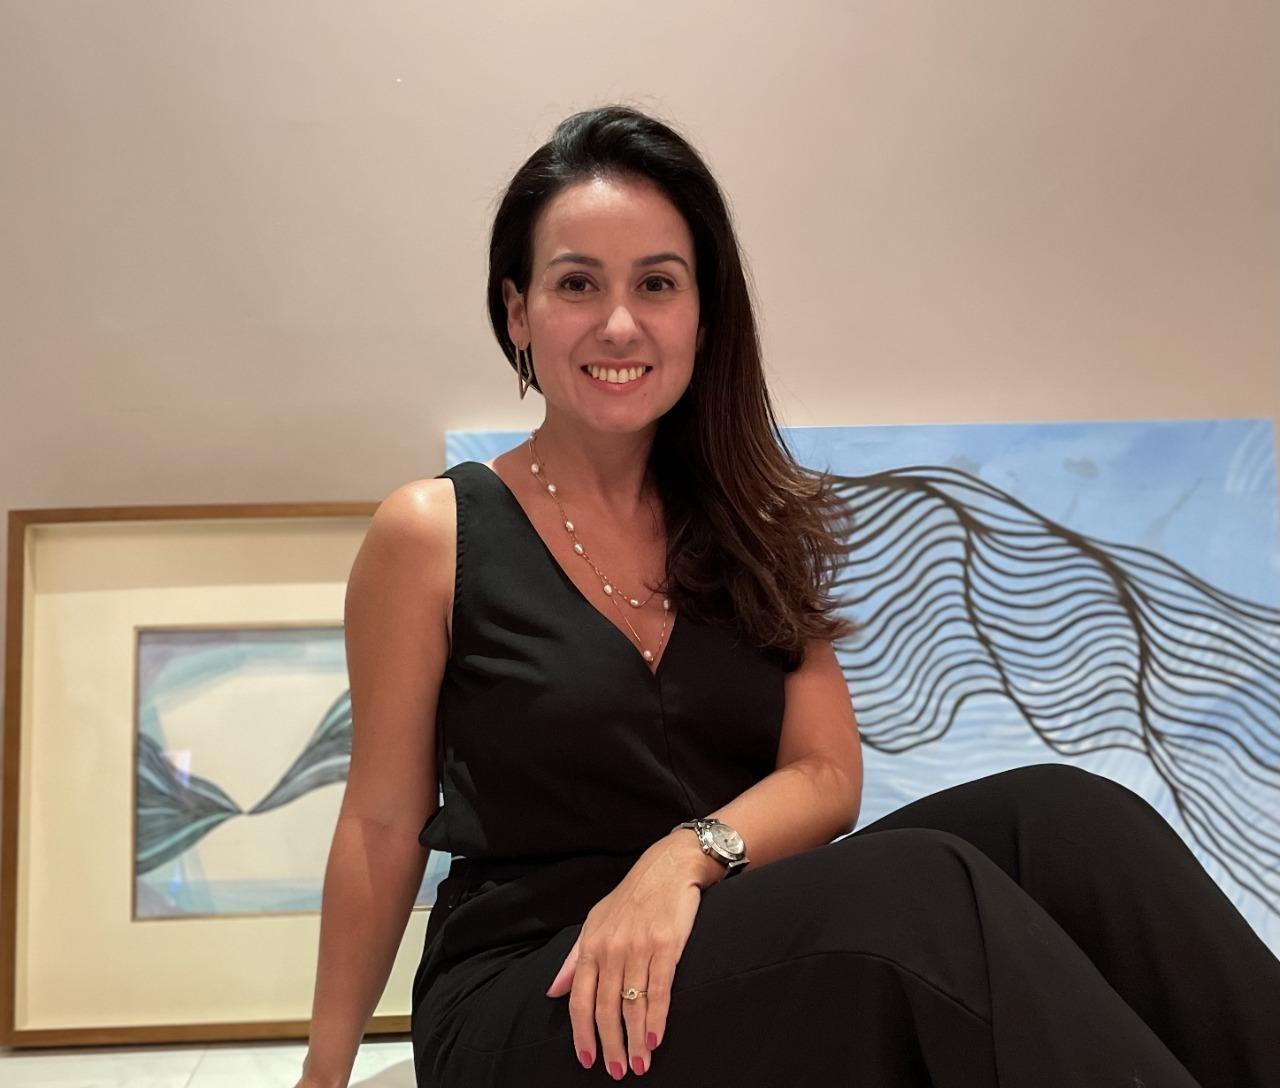 Após se dedicar a arte, Claudiana Loureiro expõe suas obras pela primeira vez em mostra internacional